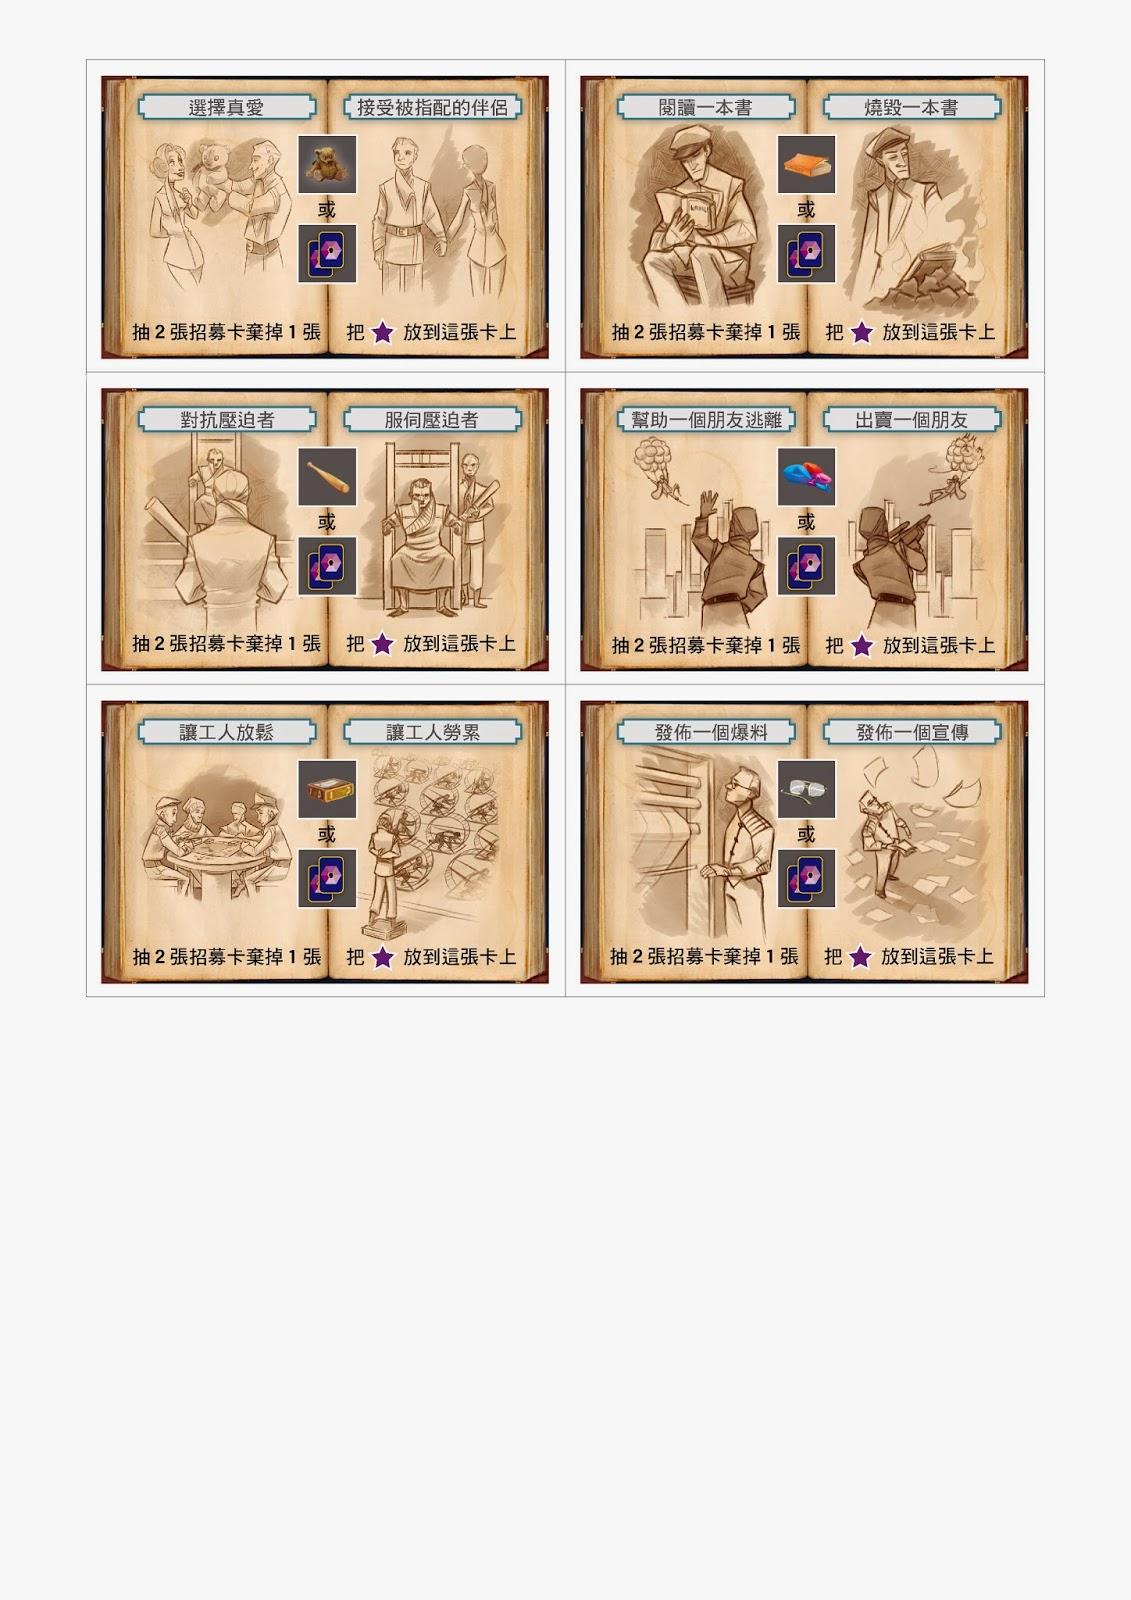 kickstarter 中文 翻譯